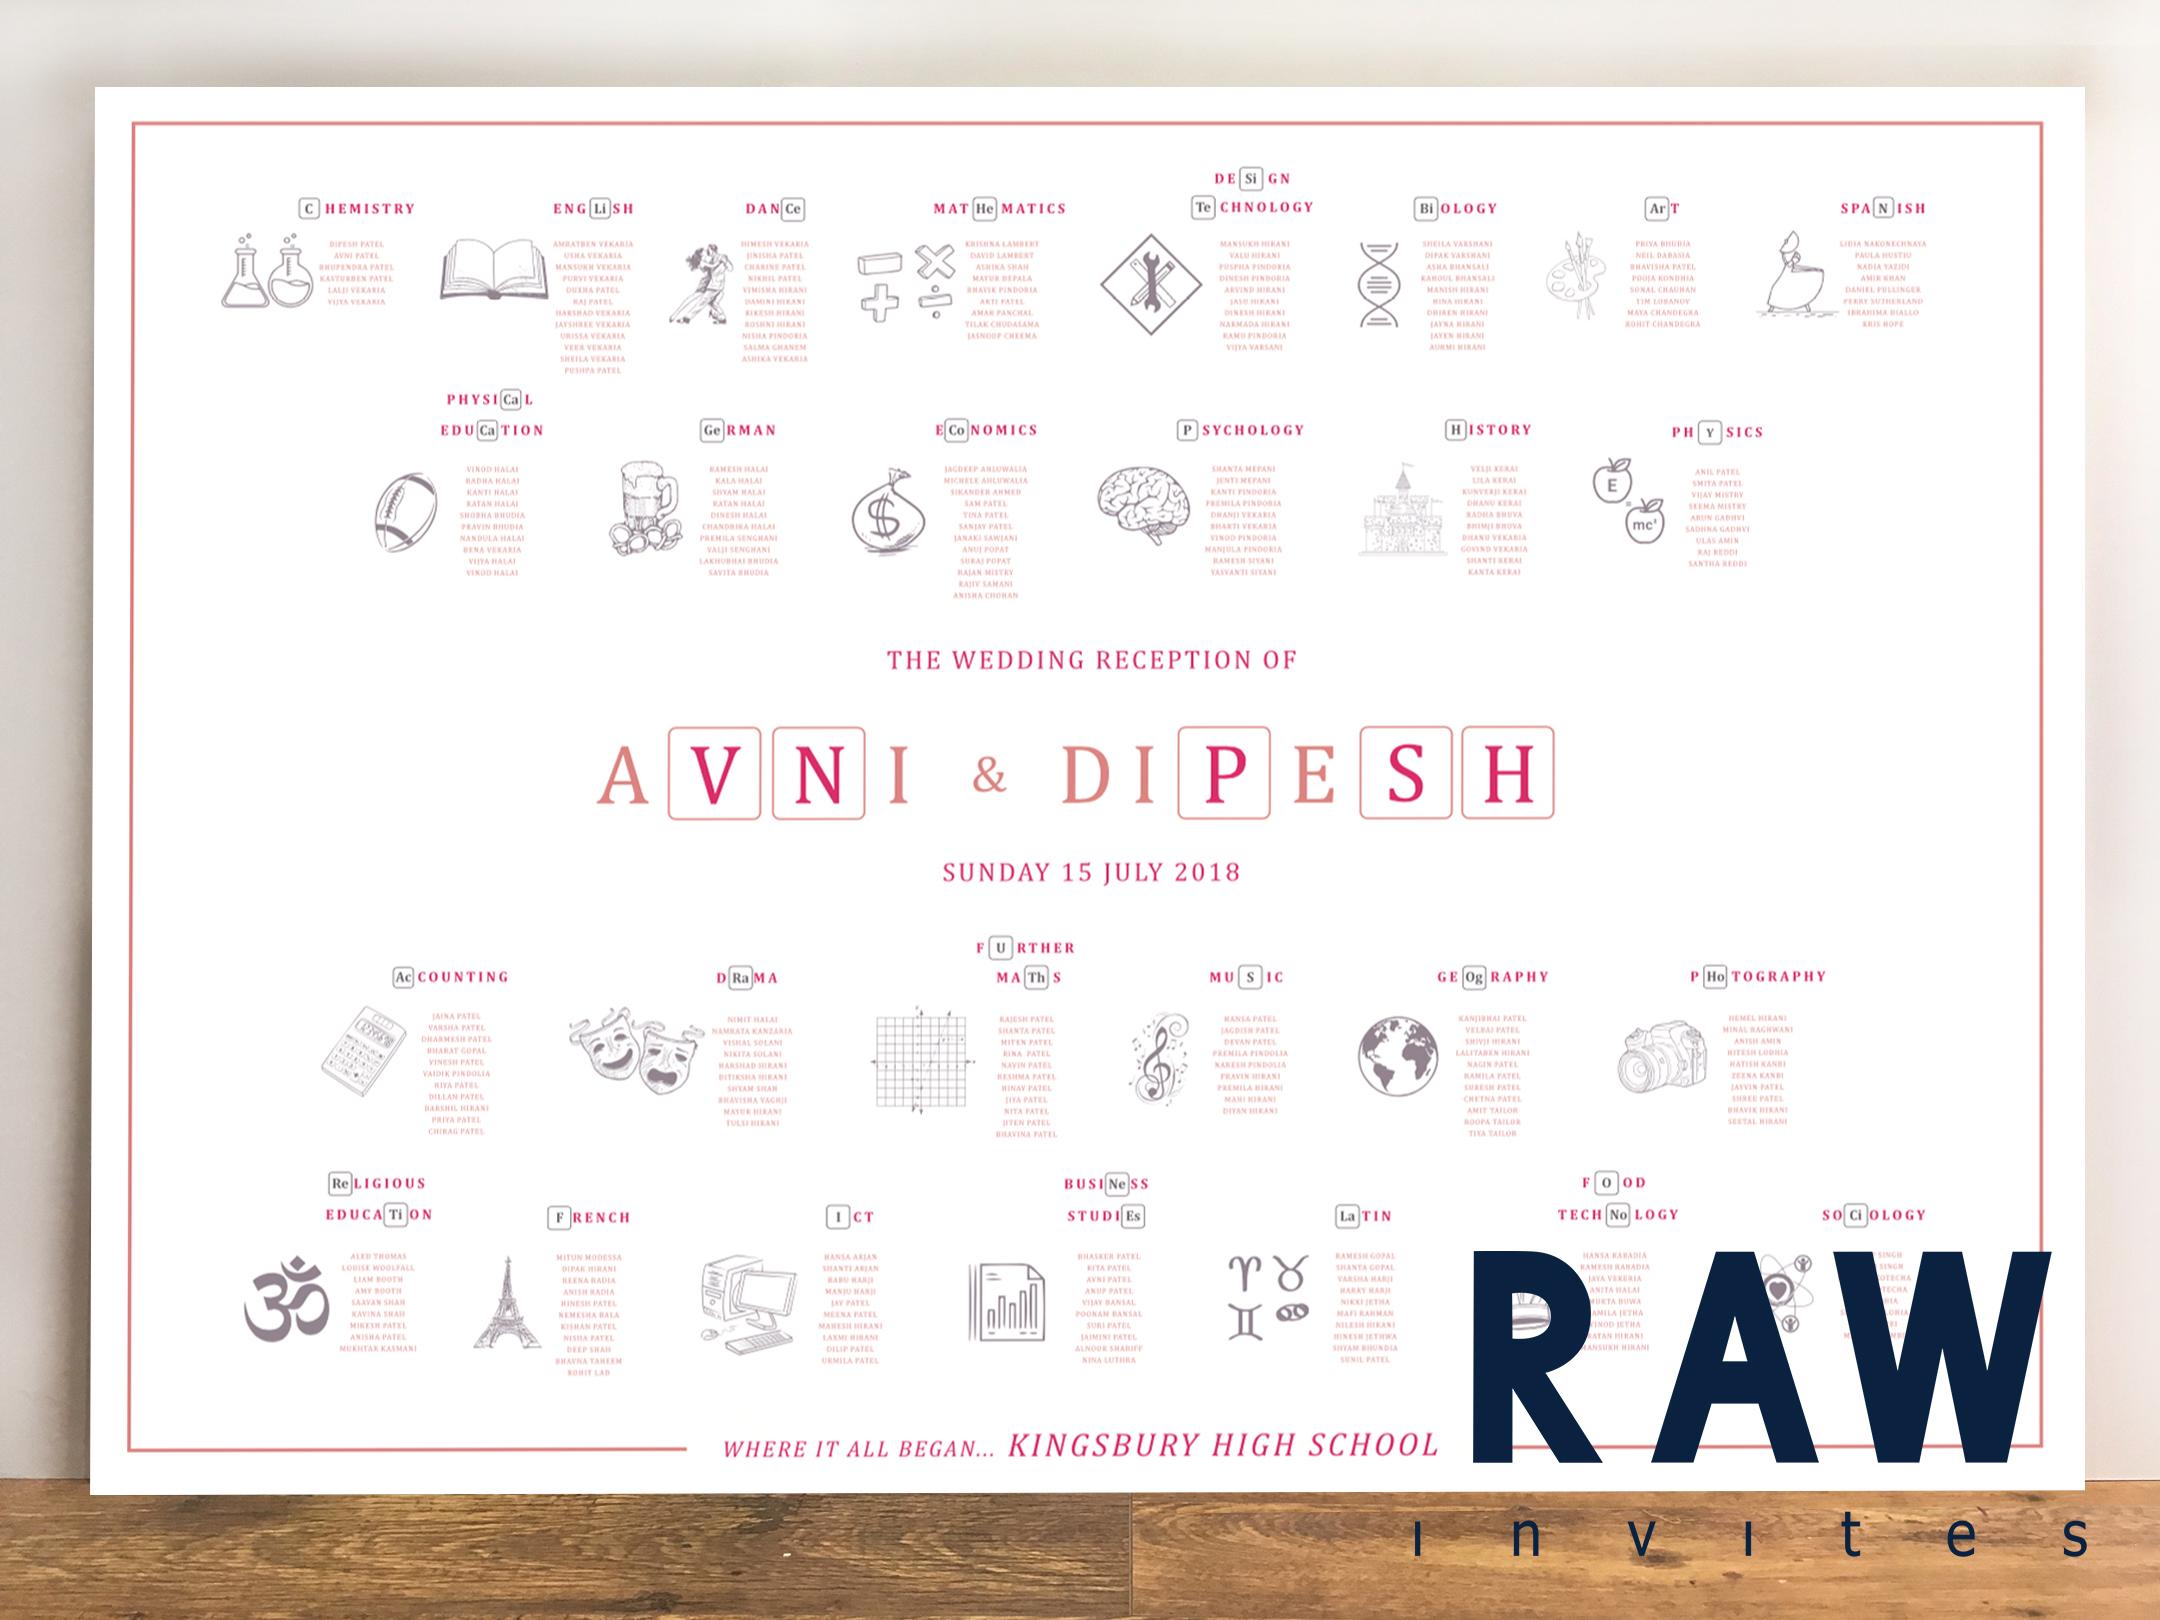 Avni & Dipesh (Chemistry Teachers who met at school)